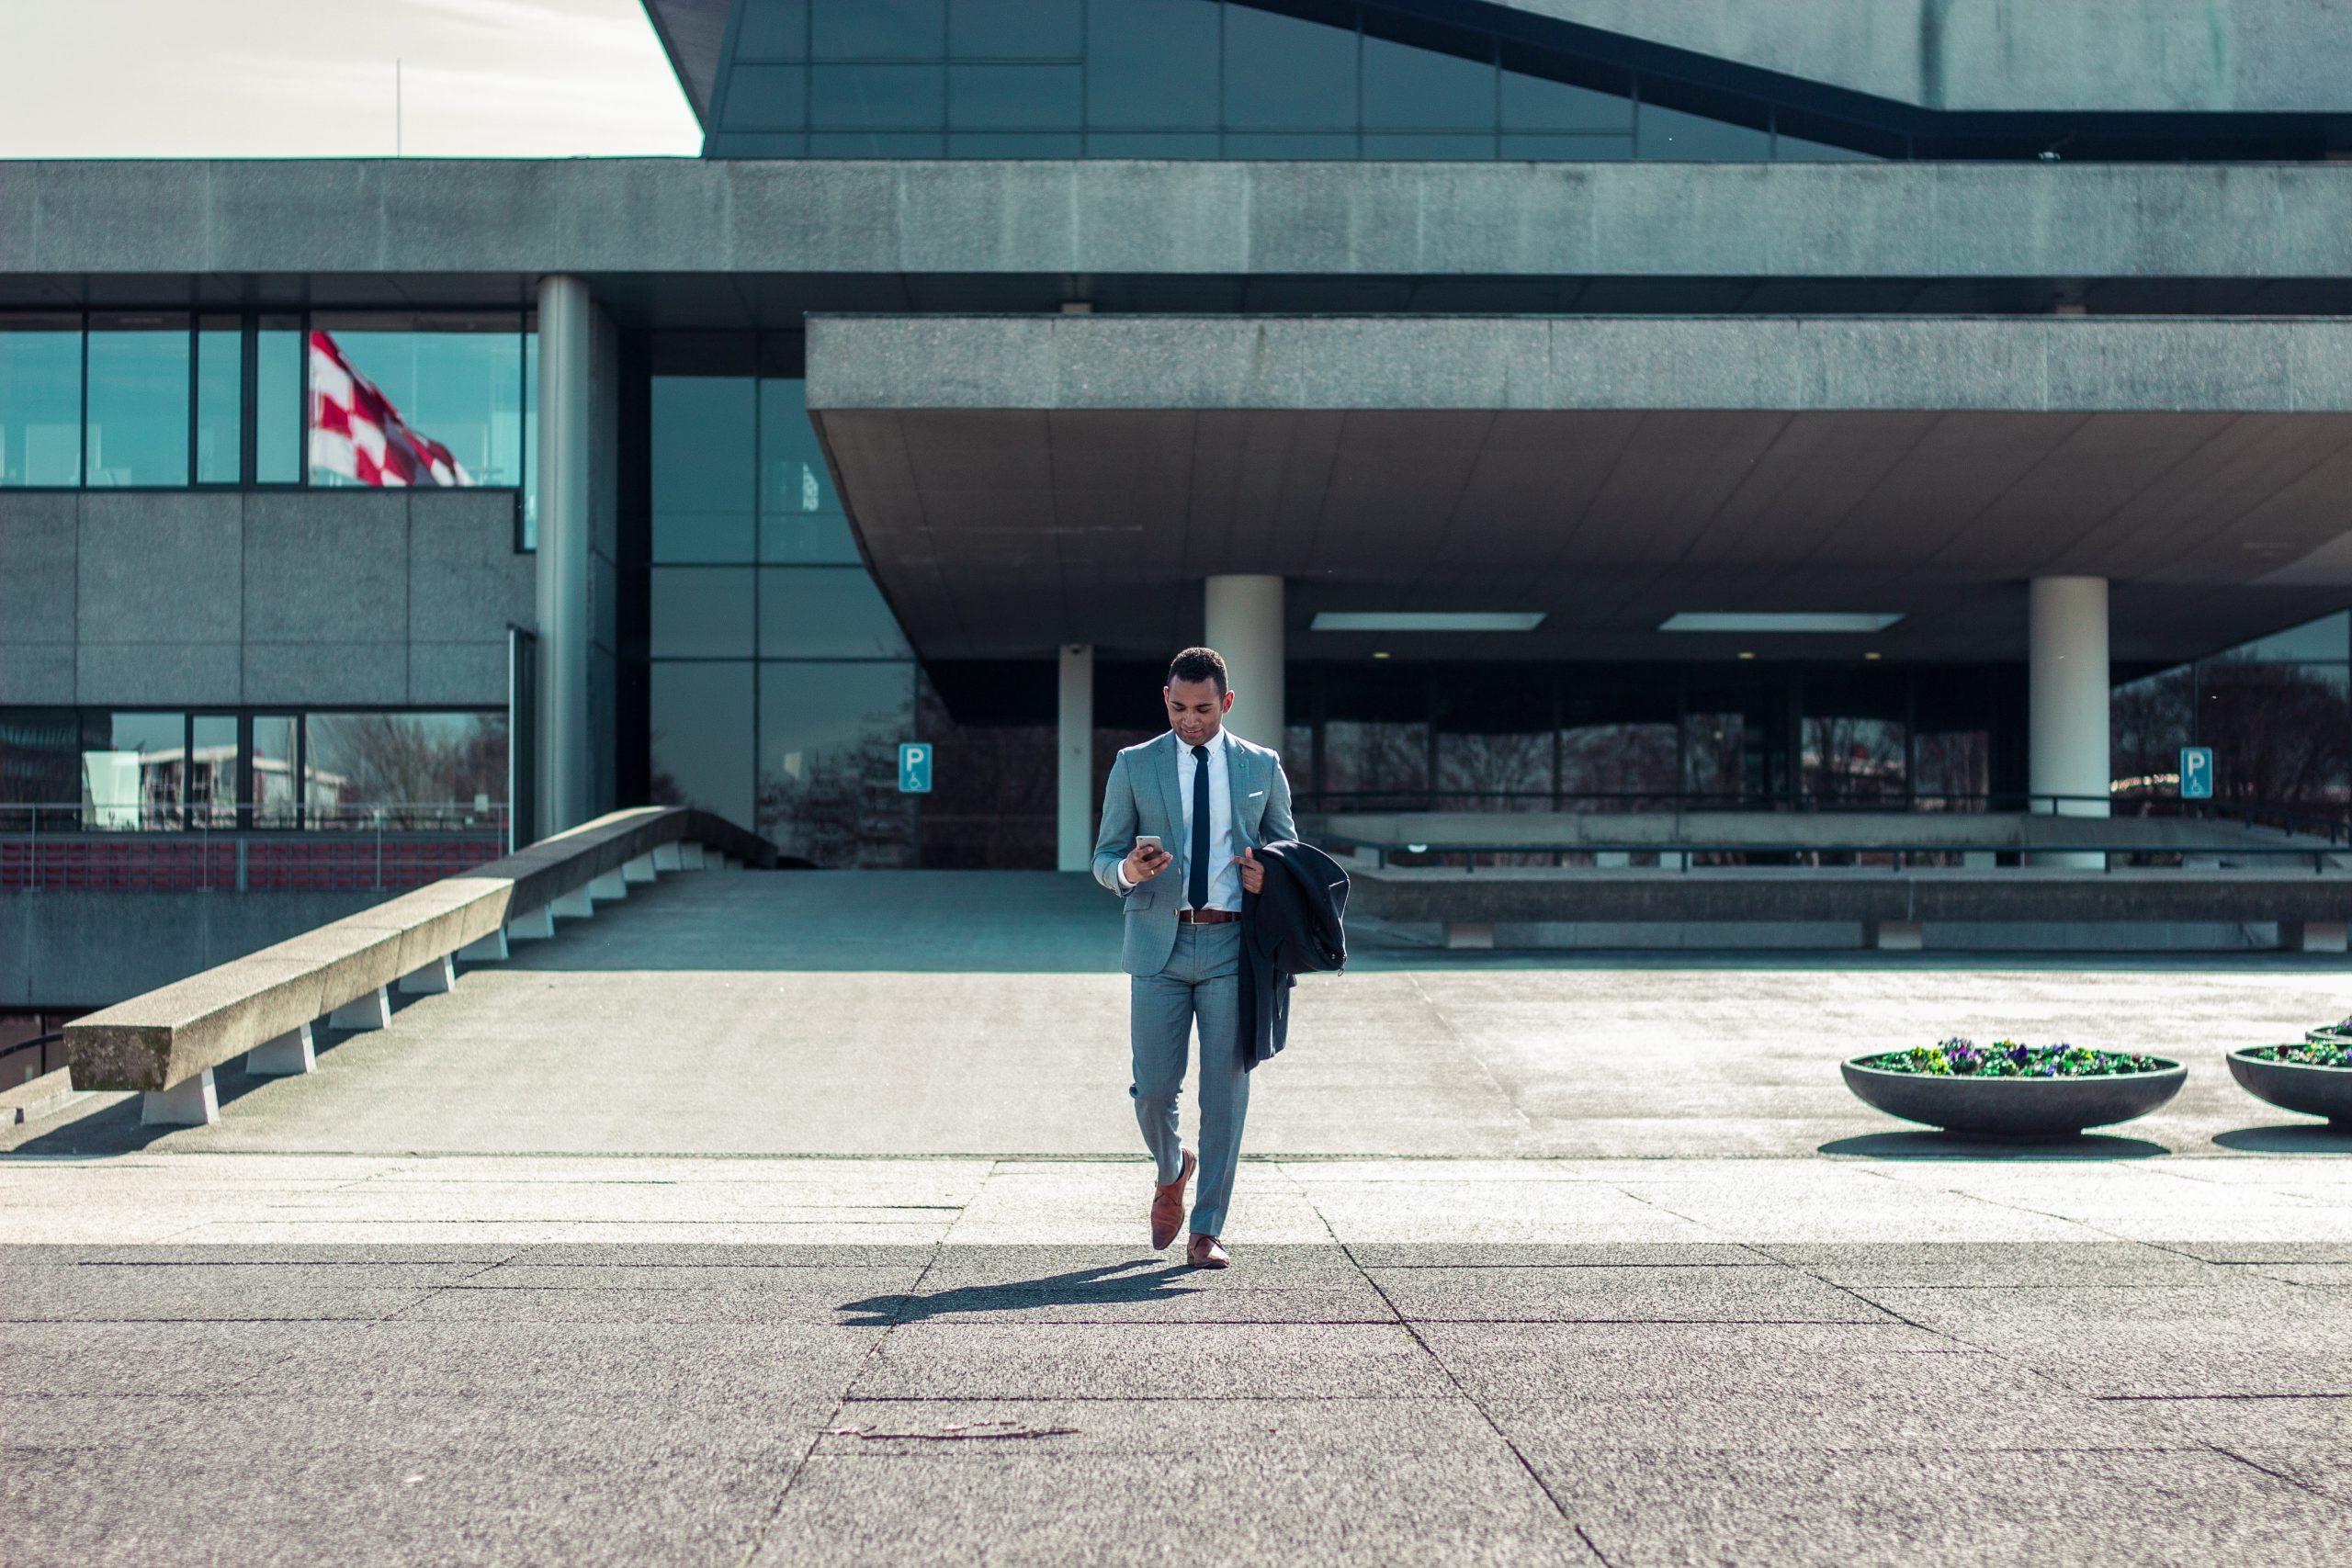 Anwalt ist ein gut bezahlter Beruf. Selbstständige und Unternehmer suchen oft vergeblich nach geeigneten Anwälten. bram-naus-oqnVnI5ixHg-unsplash-scaled.jpg